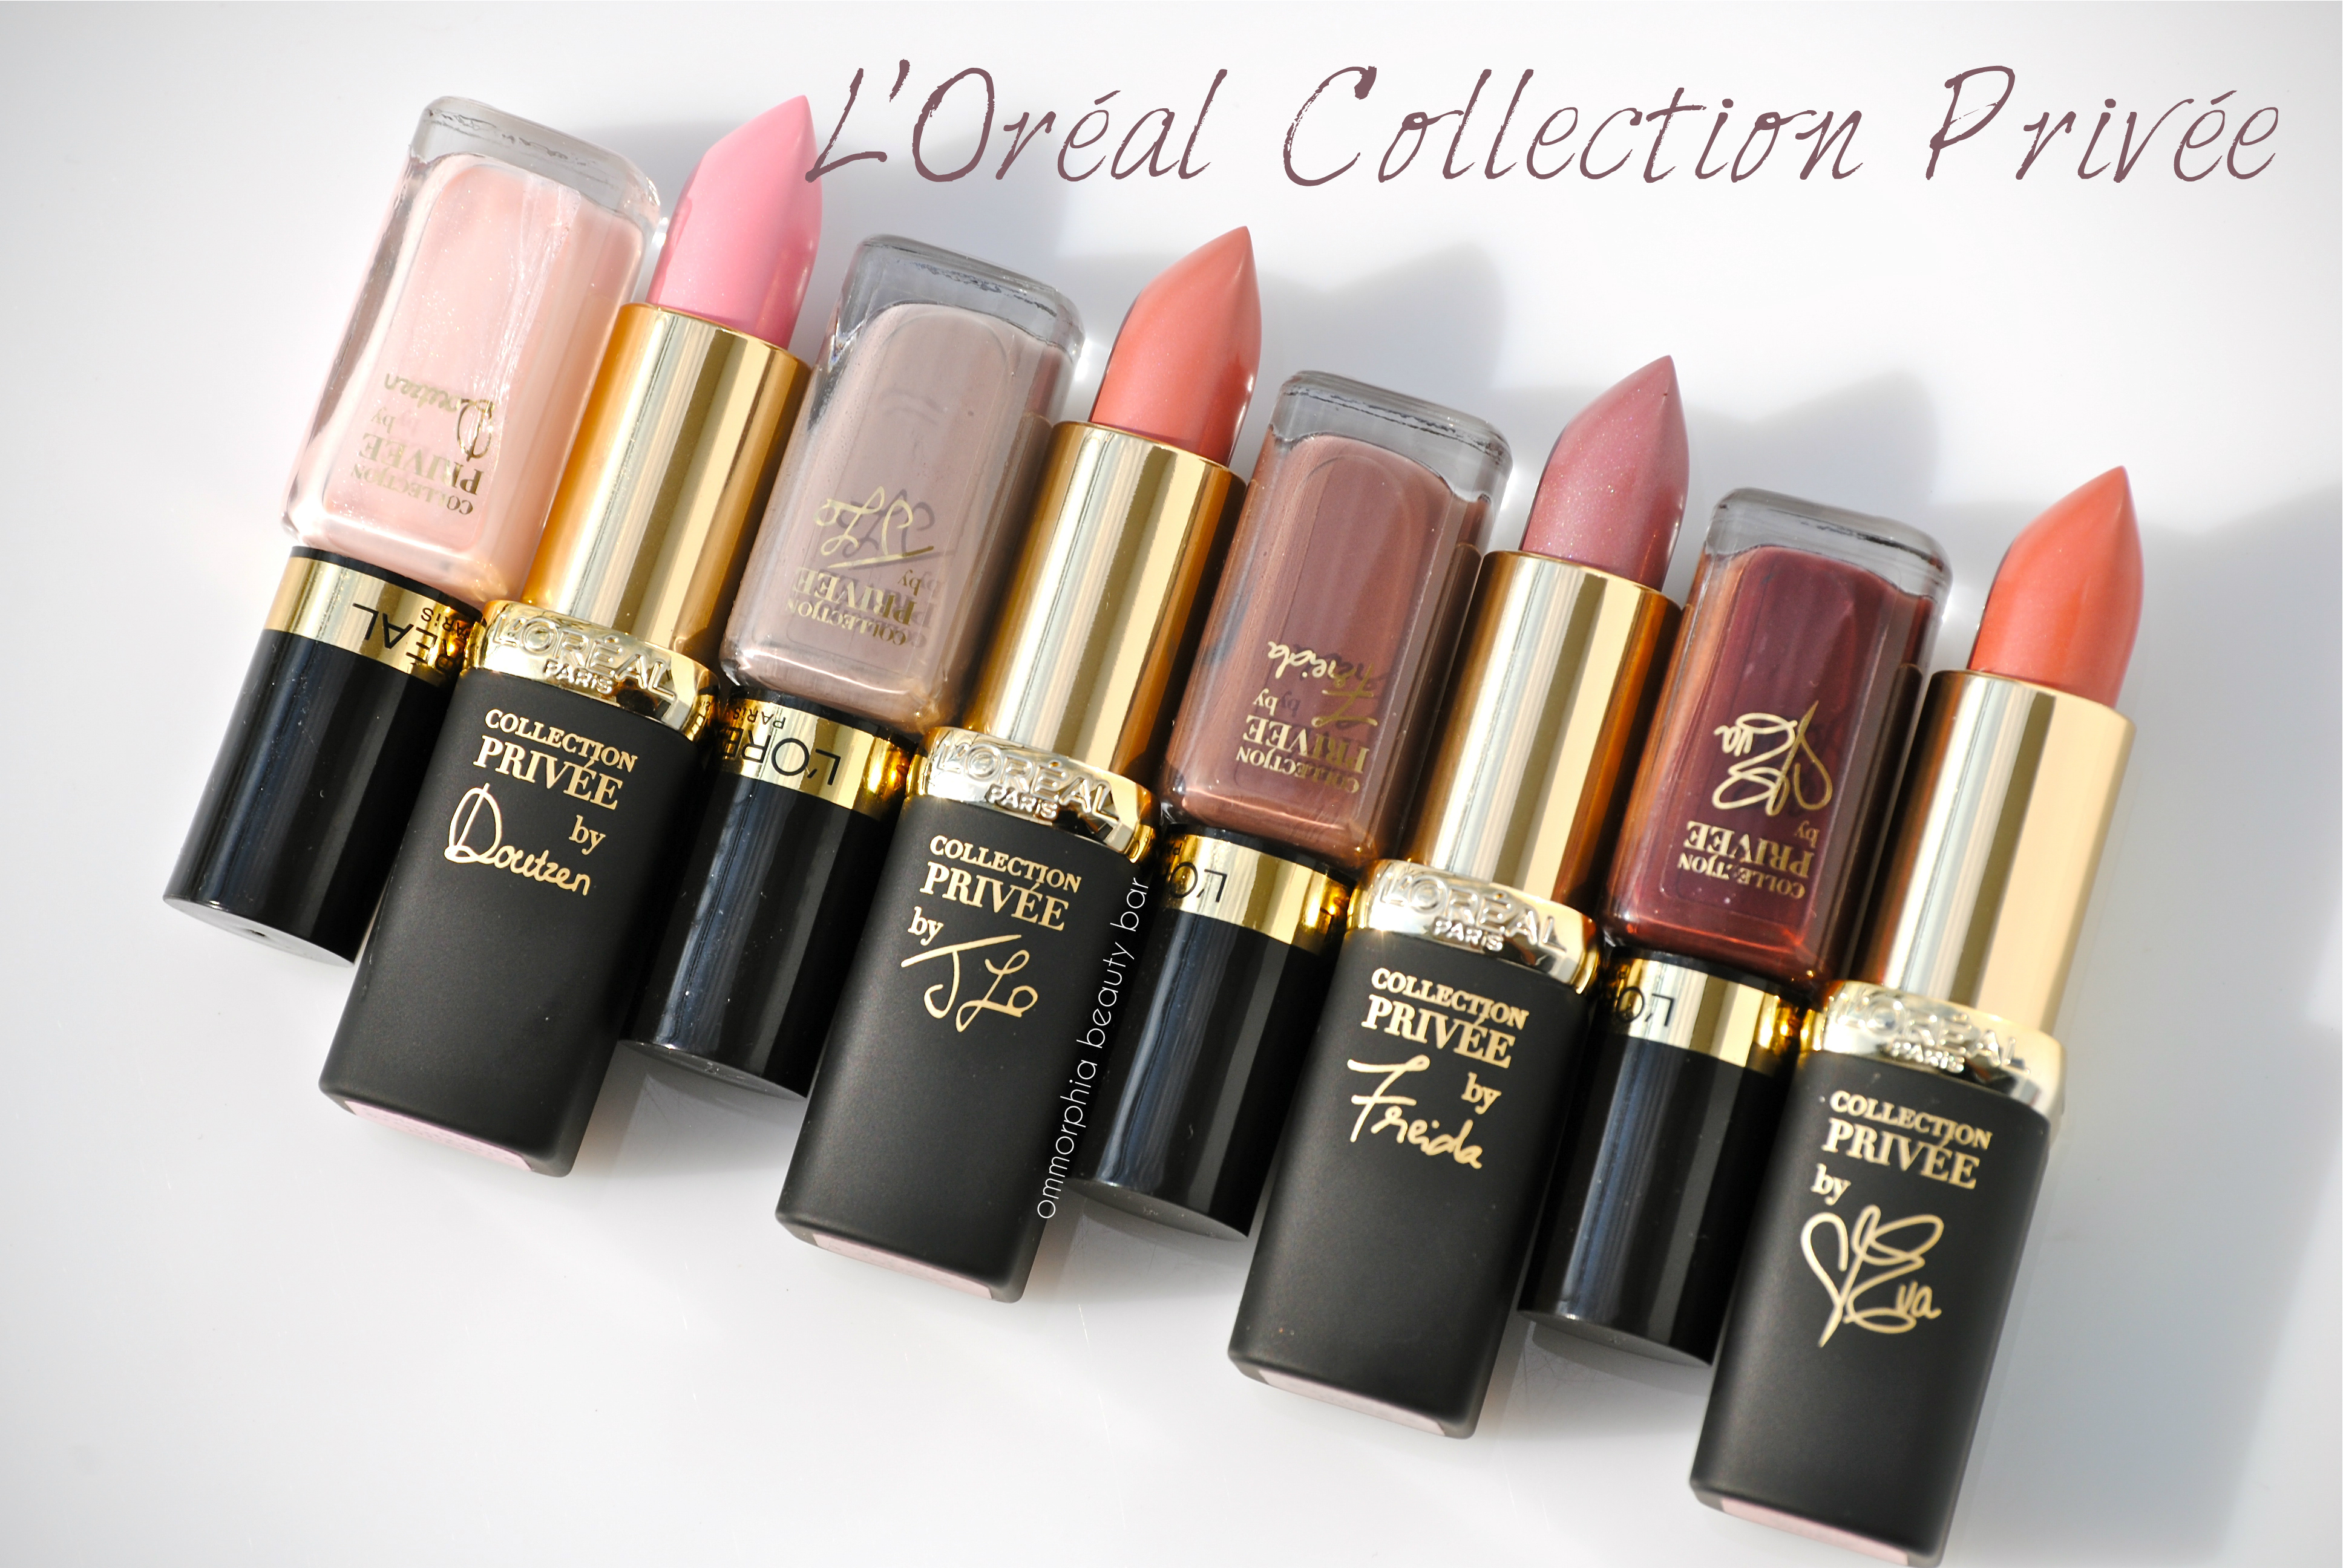 L'oreal Collection Privee Colour Riche Lipstick L'oréal Collection Privée